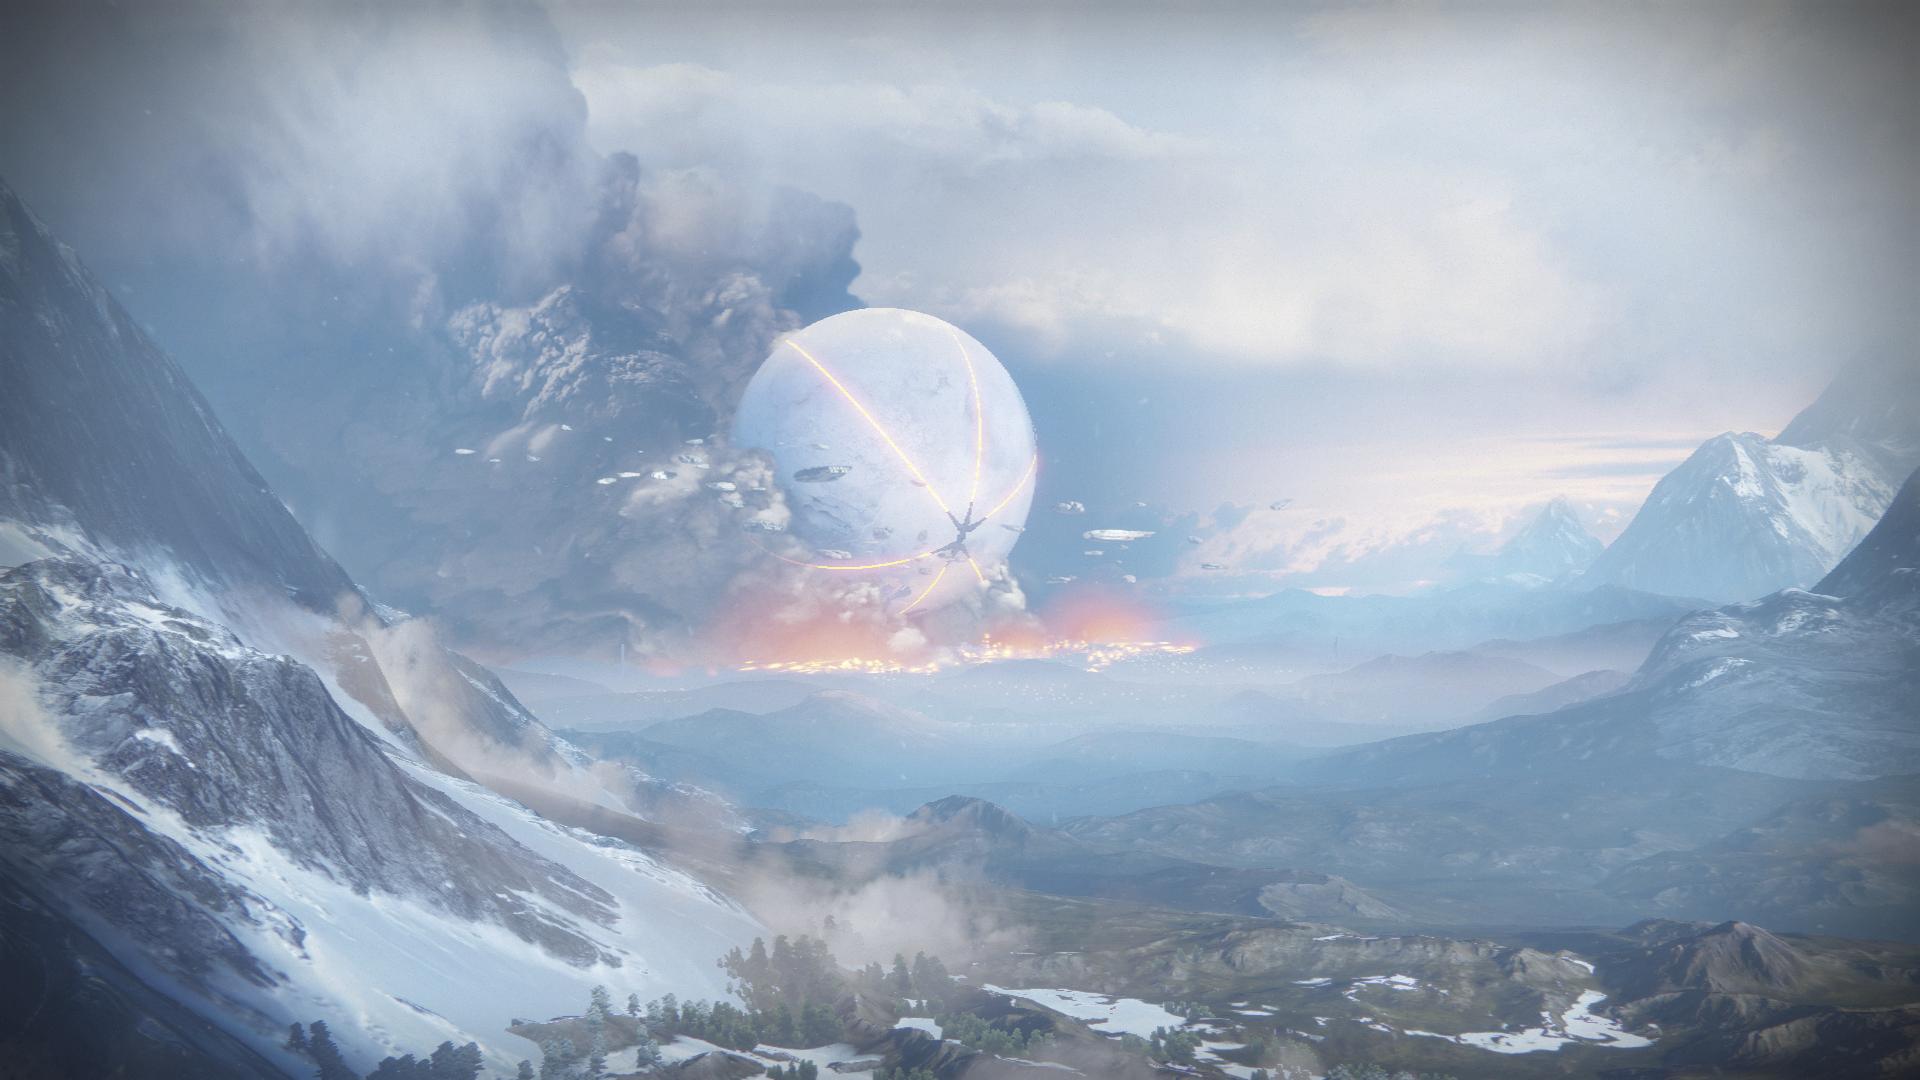 Destiny 2 Backgrounds 1920x1080